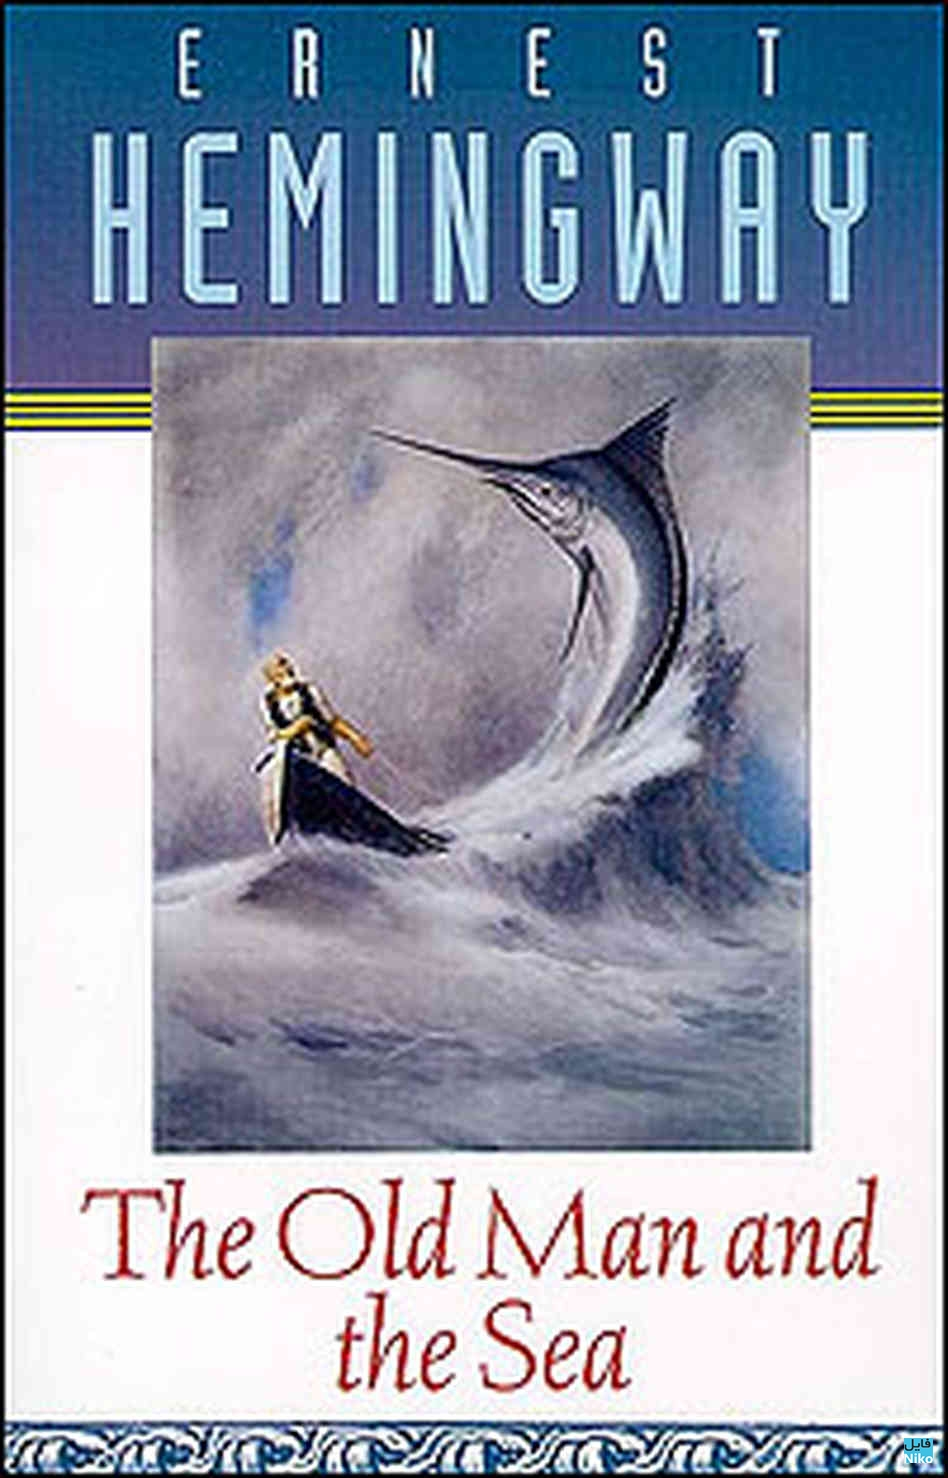 دانلود انیمیشن کوتاه پیرمرد و دریا – The Old Man and the Sea